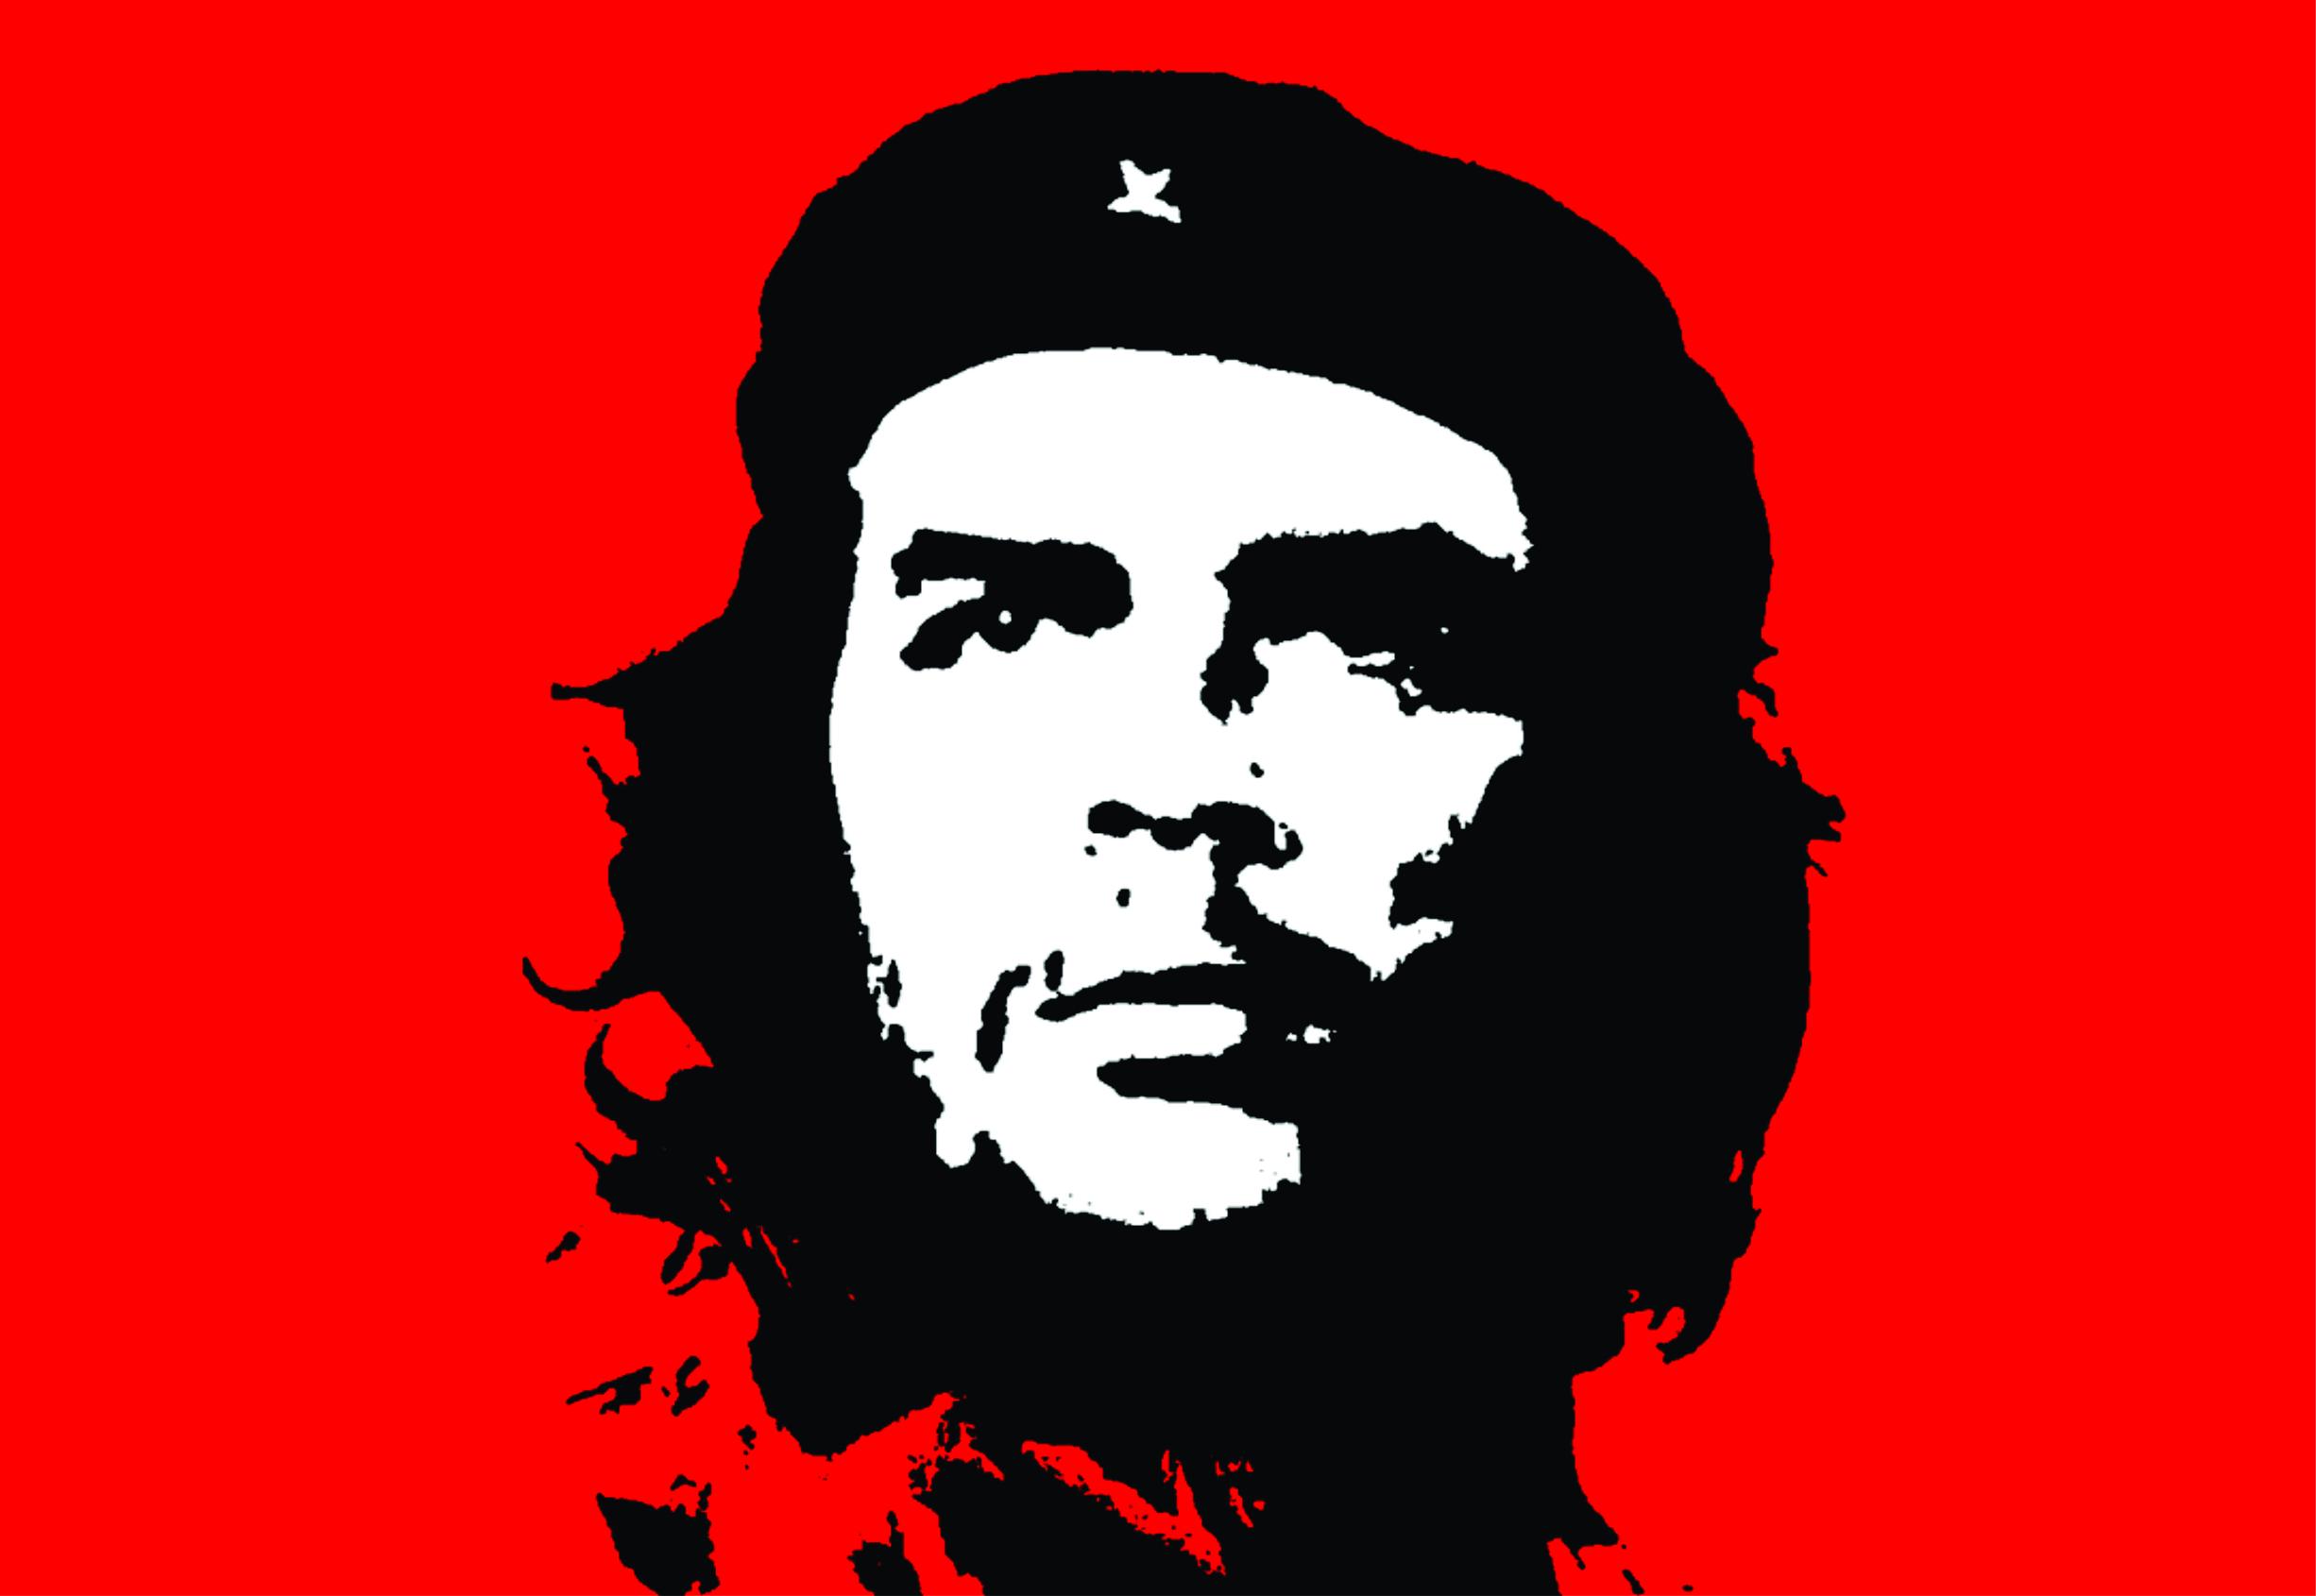 विश्व क्रान्तिका नायक चे ग्वेभाराको जन्मघर बेचिँदै